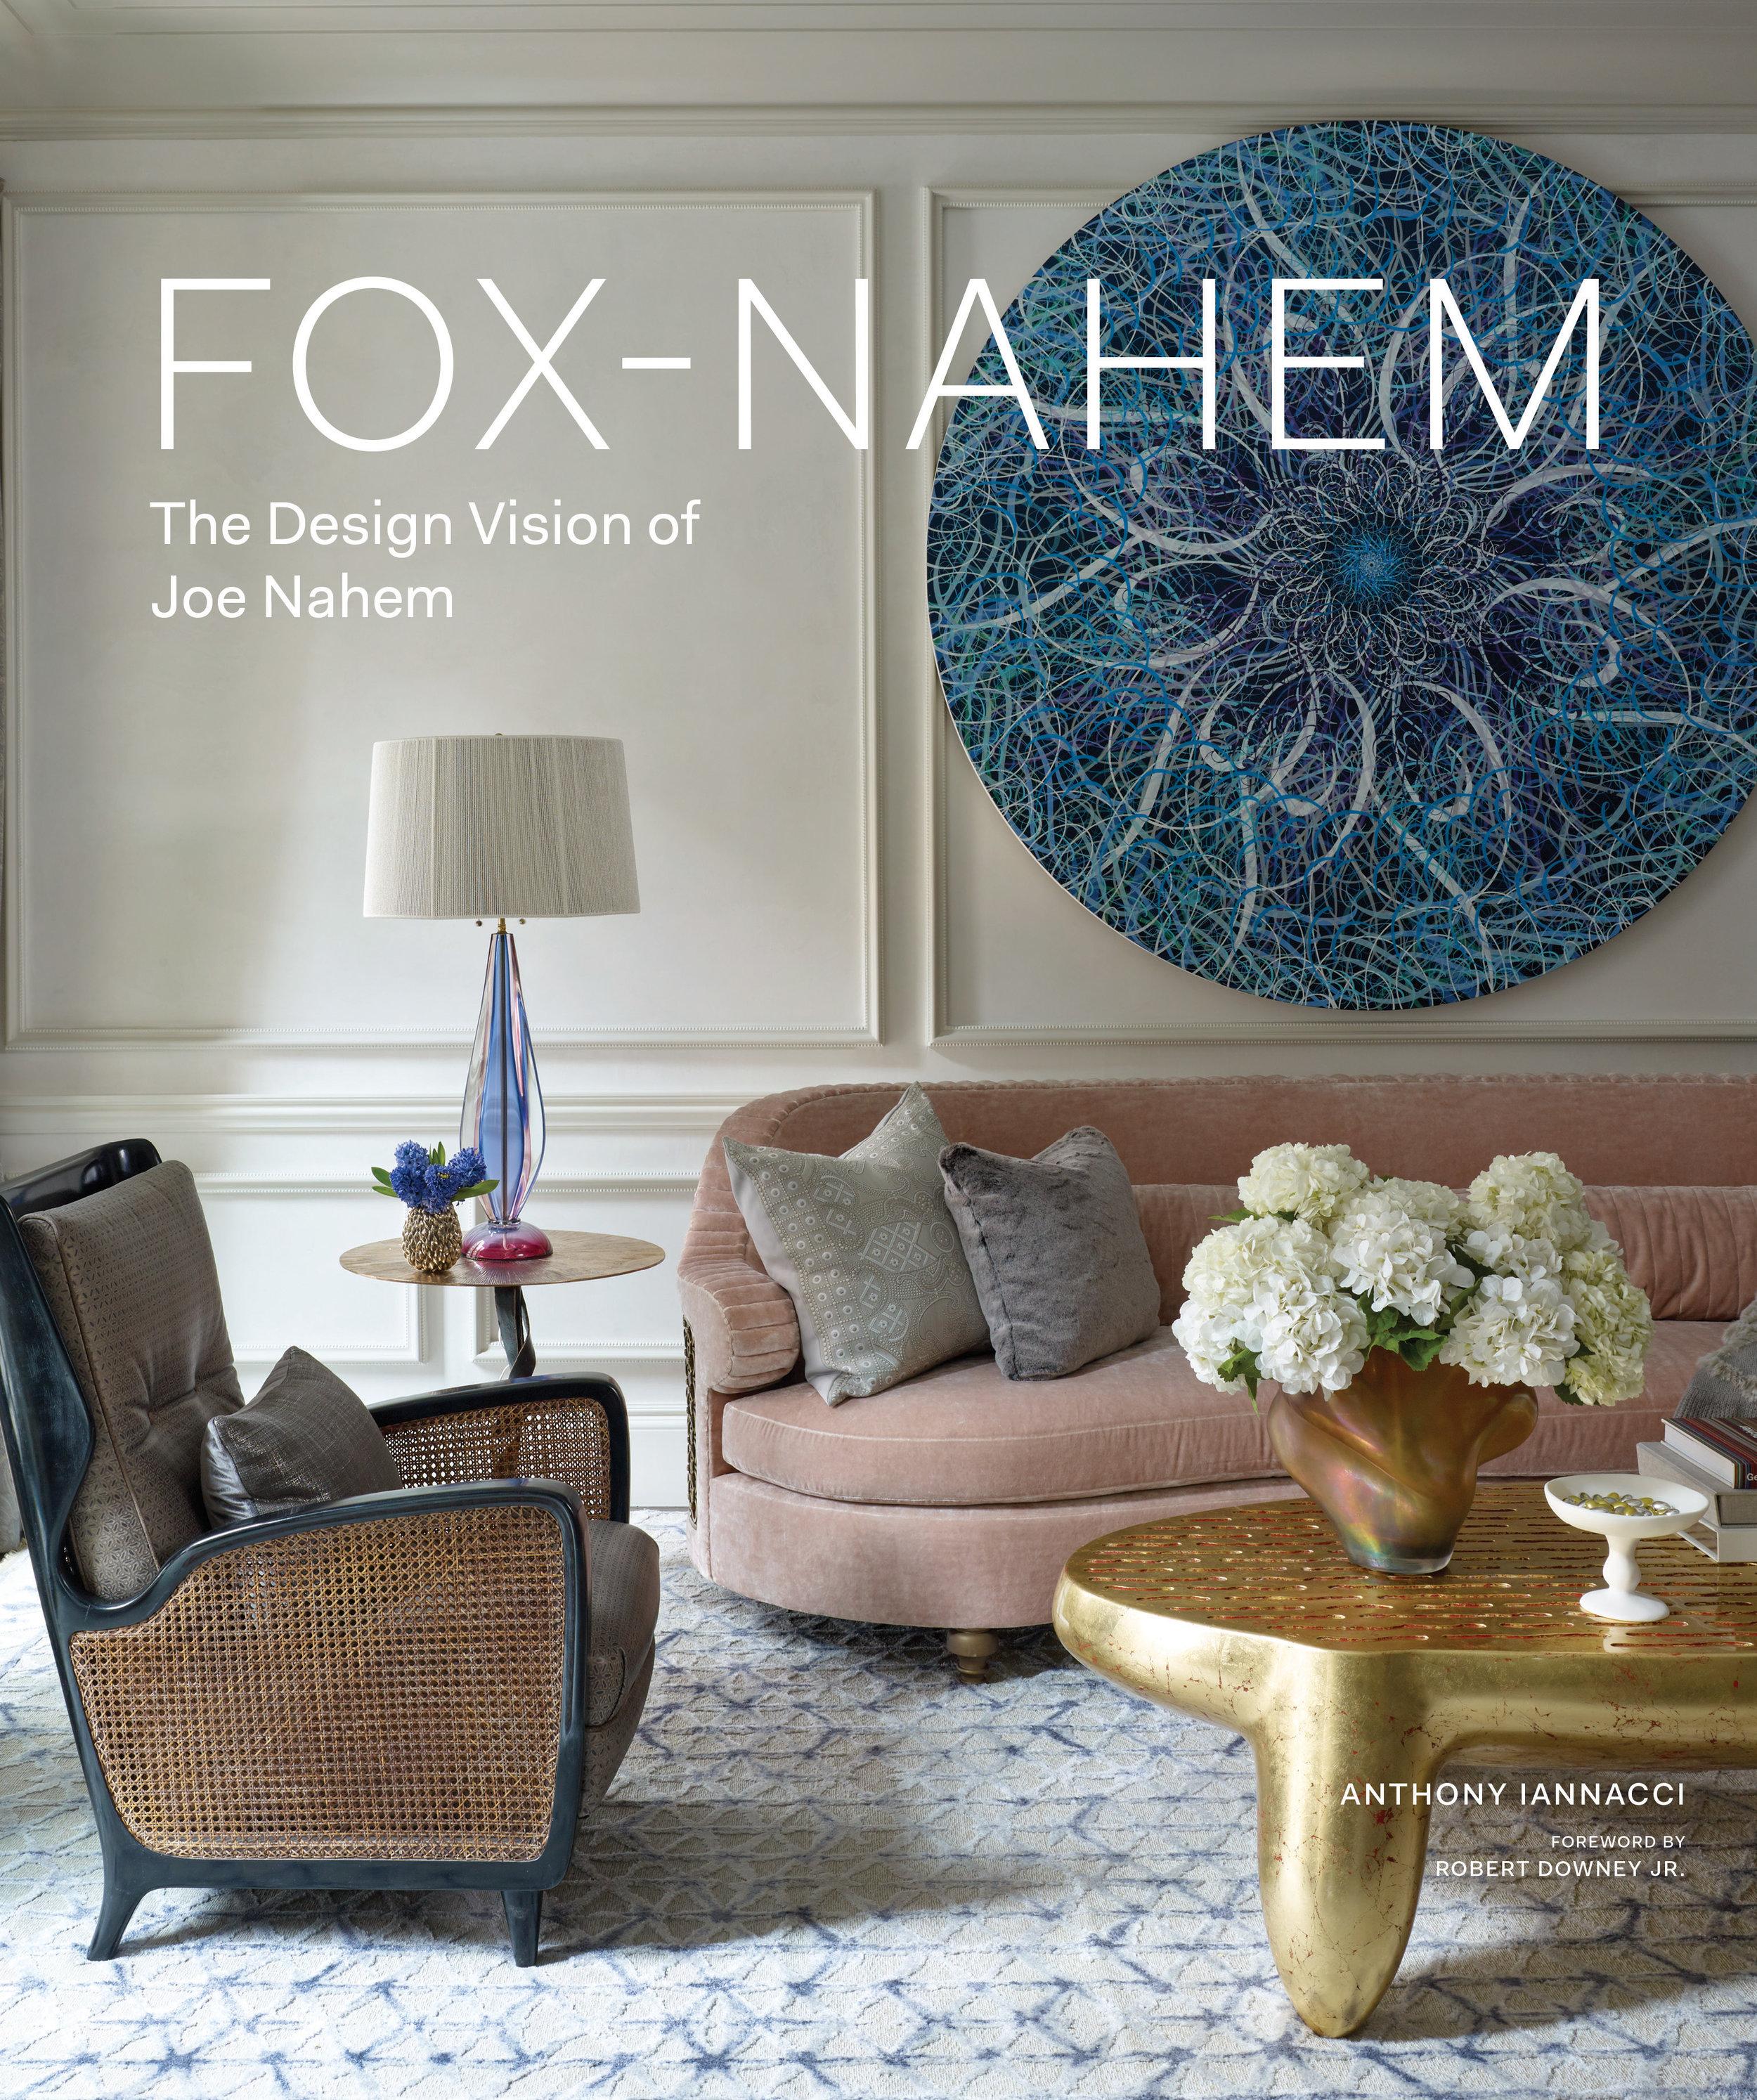 The Design Vision of Joe Nahem - Fox Nahem Associates